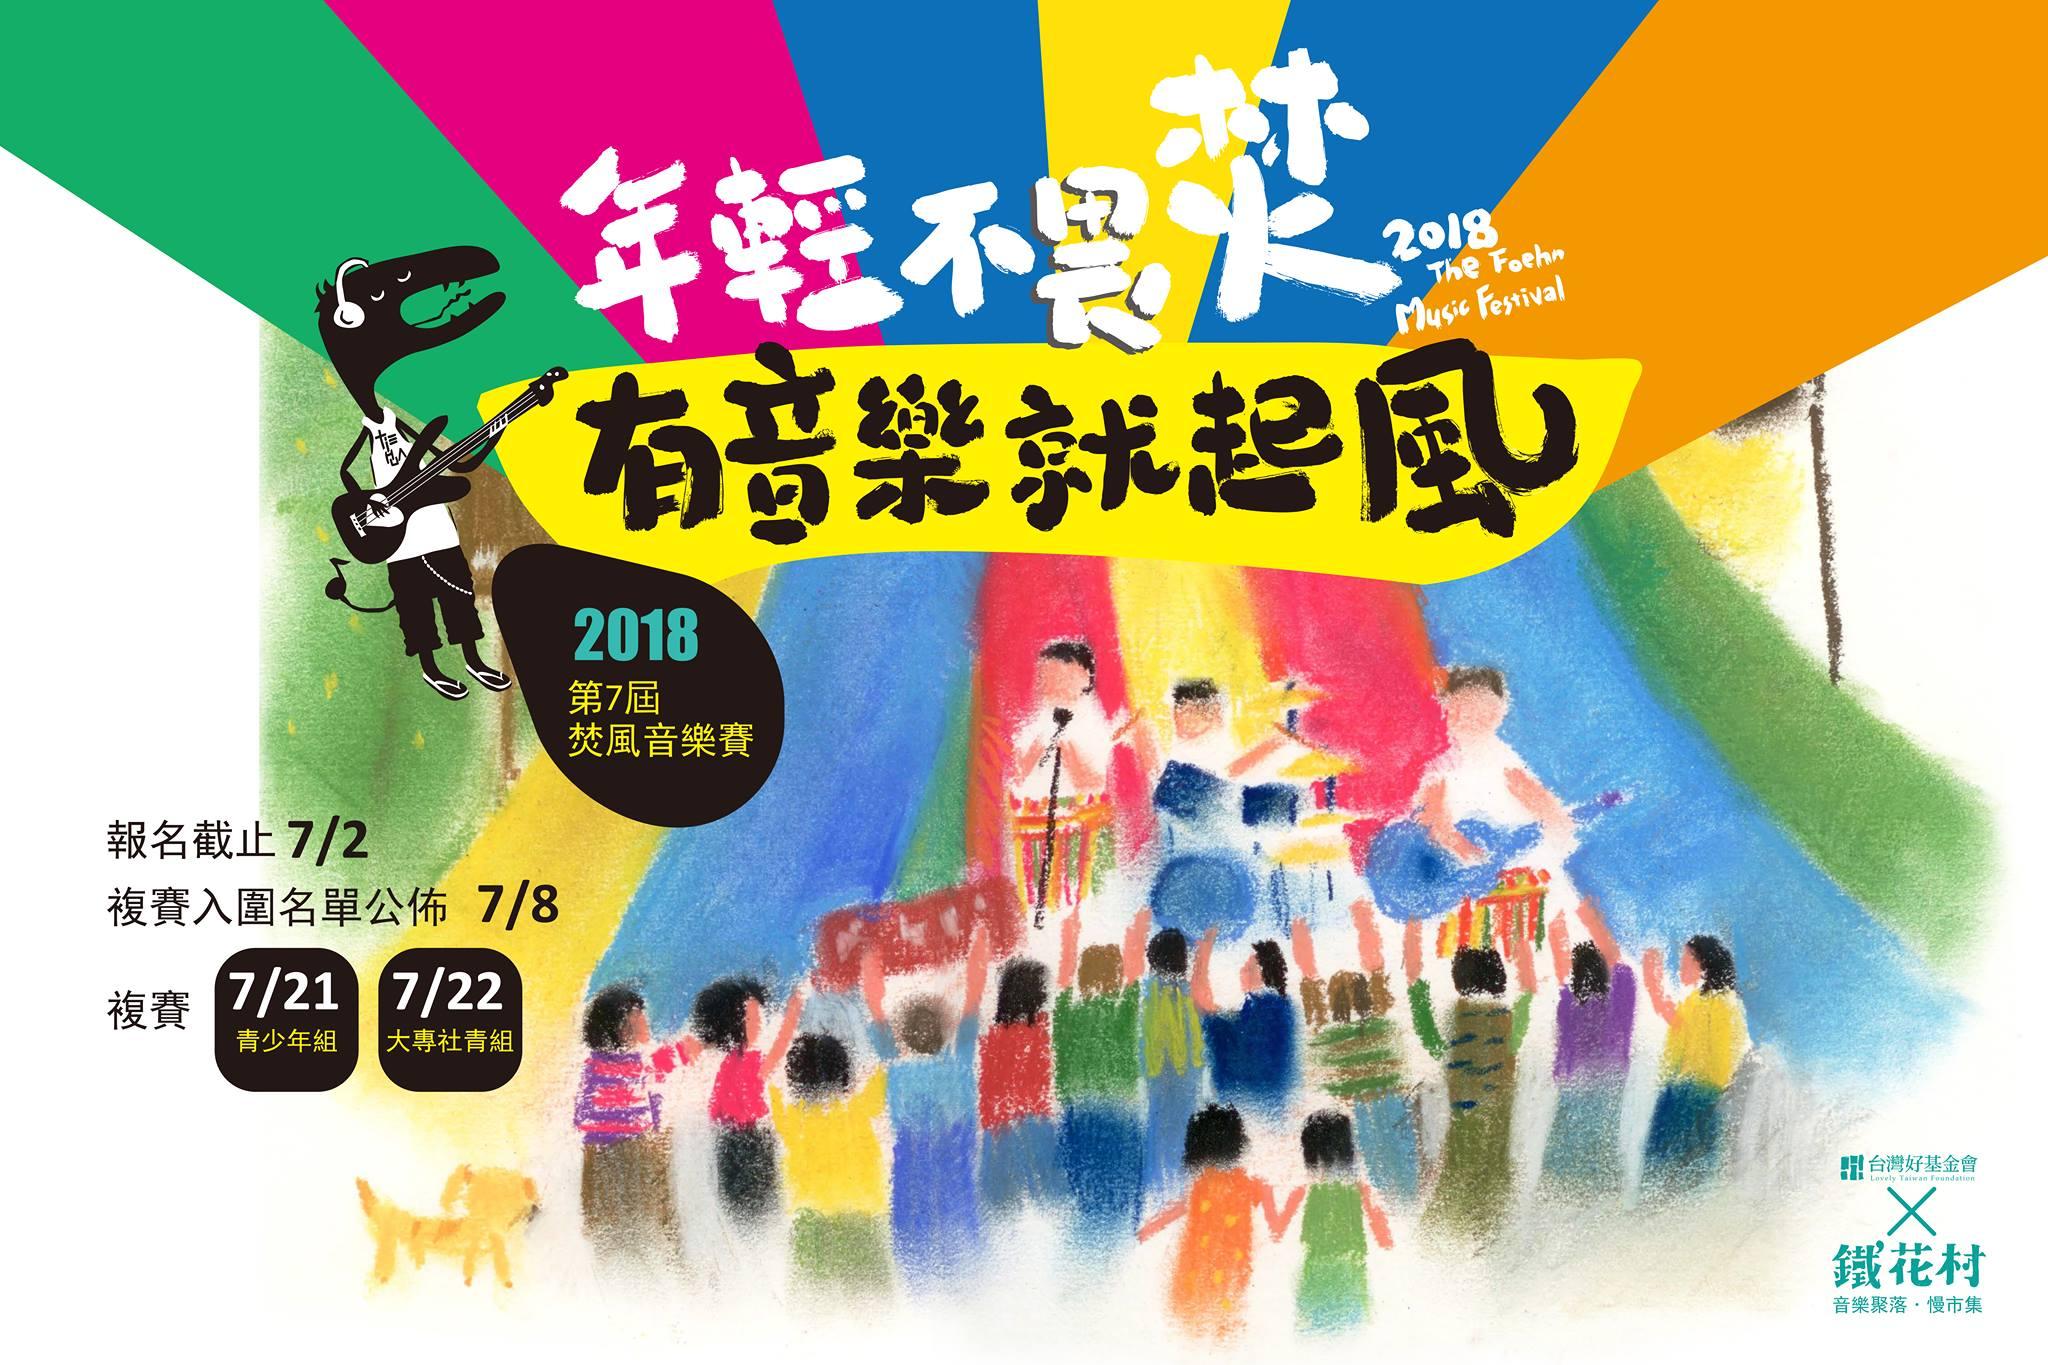 2018第七屆焚風音樂比賽起跑~鐵花村 | 音樂聚落 ‧ 慢市集 |